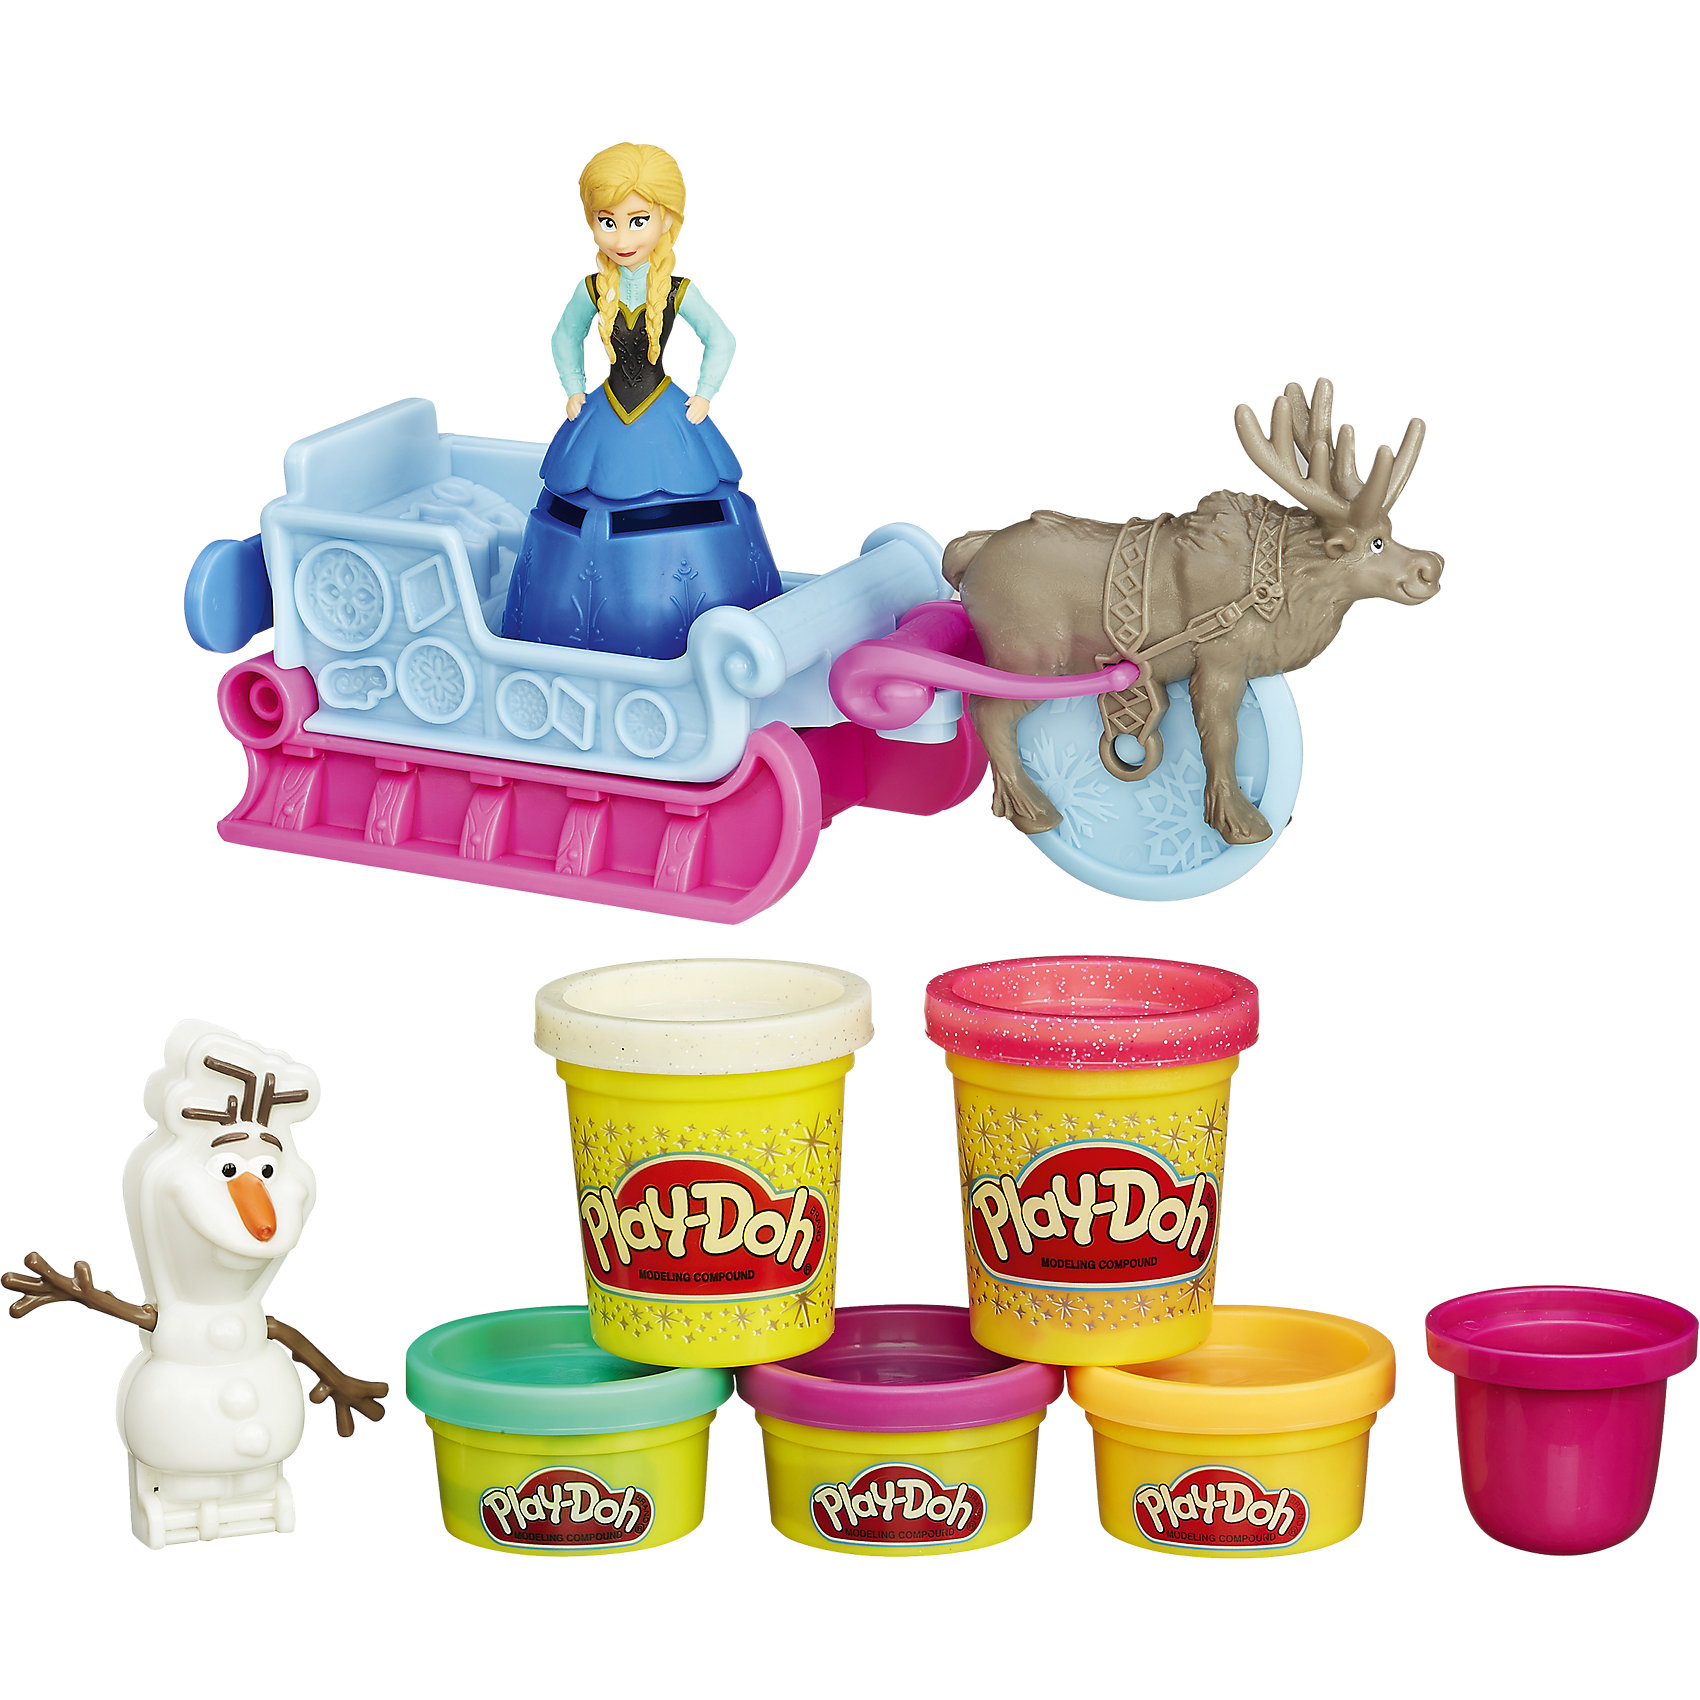 Игровой набор Приключение Анны на санях, Холодное сердце, Play-DohОтправляйся вместе с Анной в зимний поход! Но сначала сделай ей красивую теплую одежду и укрась ее. Ни одна поездка на санях не будет весёлой без Олафа, так что скорее бери складную форму и лепи снеговика. Если нажать на сани, они оставят сверкающий след из снега Play-Doh. Олень Свен может выпрягаться из саней, чтобы помочь разрезать пластилин. А теперь - вперед, к веселым морозным приключениям! <br>Пластилин Play-Doh (Плей До) - уникальный материал для детского творчества. Он не прилипает к рукам, окрашен безопасным красителем, быстро высыхает и не имеет запаха. Пластилин сделан на основе натуральных съедобных продуктов, поэтому даже если ребенок проглотит его, ничего страшного не случится. <br><br>Дополнительная информация:<br><br>- Материал: пластик, пластилин.<br>- Размер упаковки: 21х20х6 см.<br>- Комплектация: 3 мини-баночки блестящего пластилина, 2 баночки пластилина, сани, стек, фигурка Эльзы, фигурка Свена, форма для Олафа.<br><br>Игровой набор Приключение Анны на санях, Холодное сердце Frozen), Play-Doh, можно купить в нашем магазине.<br><br>Ширина мм: 310<br>Глубина мм: 228<br>Высота мм: 63<br>Вес г: 571<br>Возраст от месяцев: 36<br>Возраст до месяцев: 72<br>Пол: Женский<br>Возраст: Детский<br>SKU: 4079487